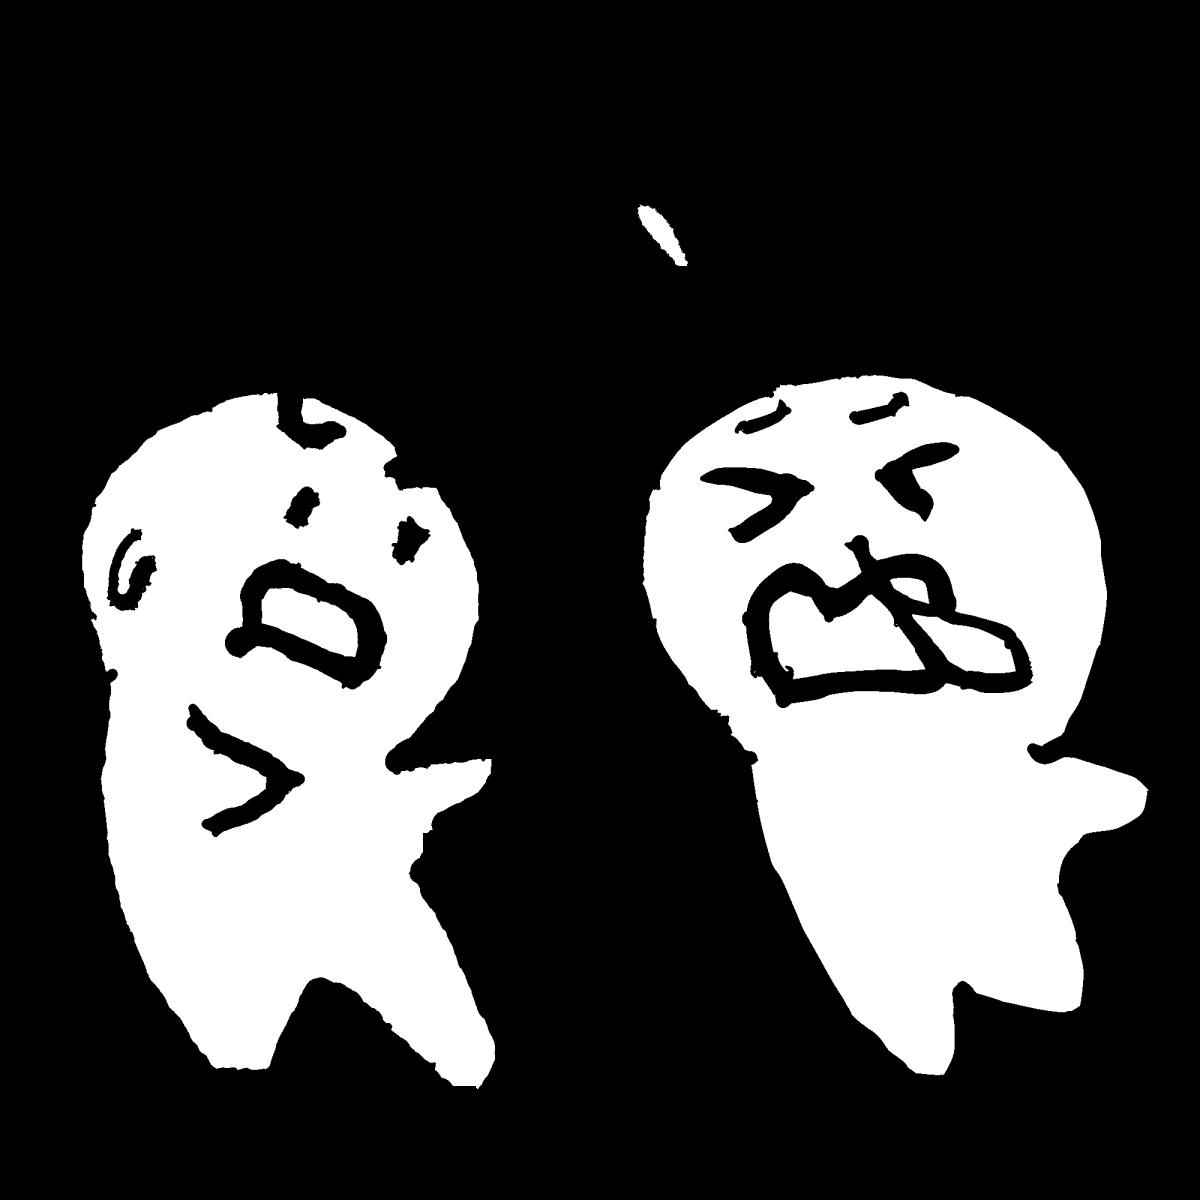 迷惑なくしゃみのイラスト / Annoying sneezing Illustration